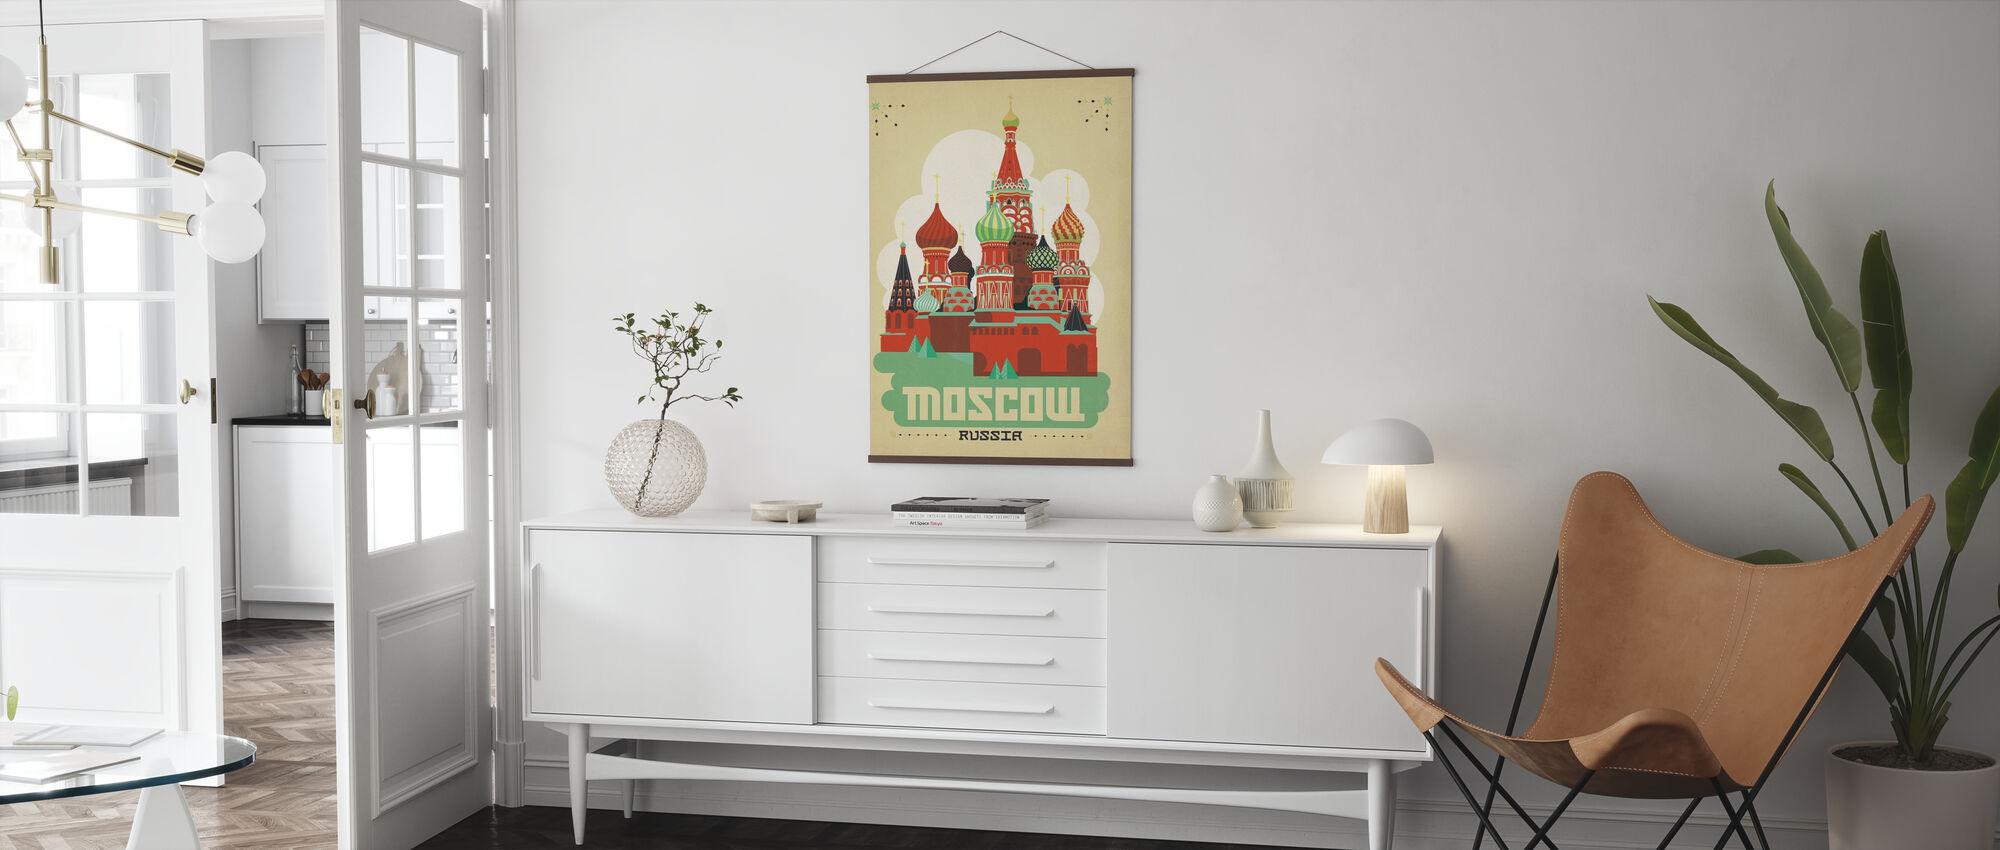 Moscou - Affiche - Salle à manger